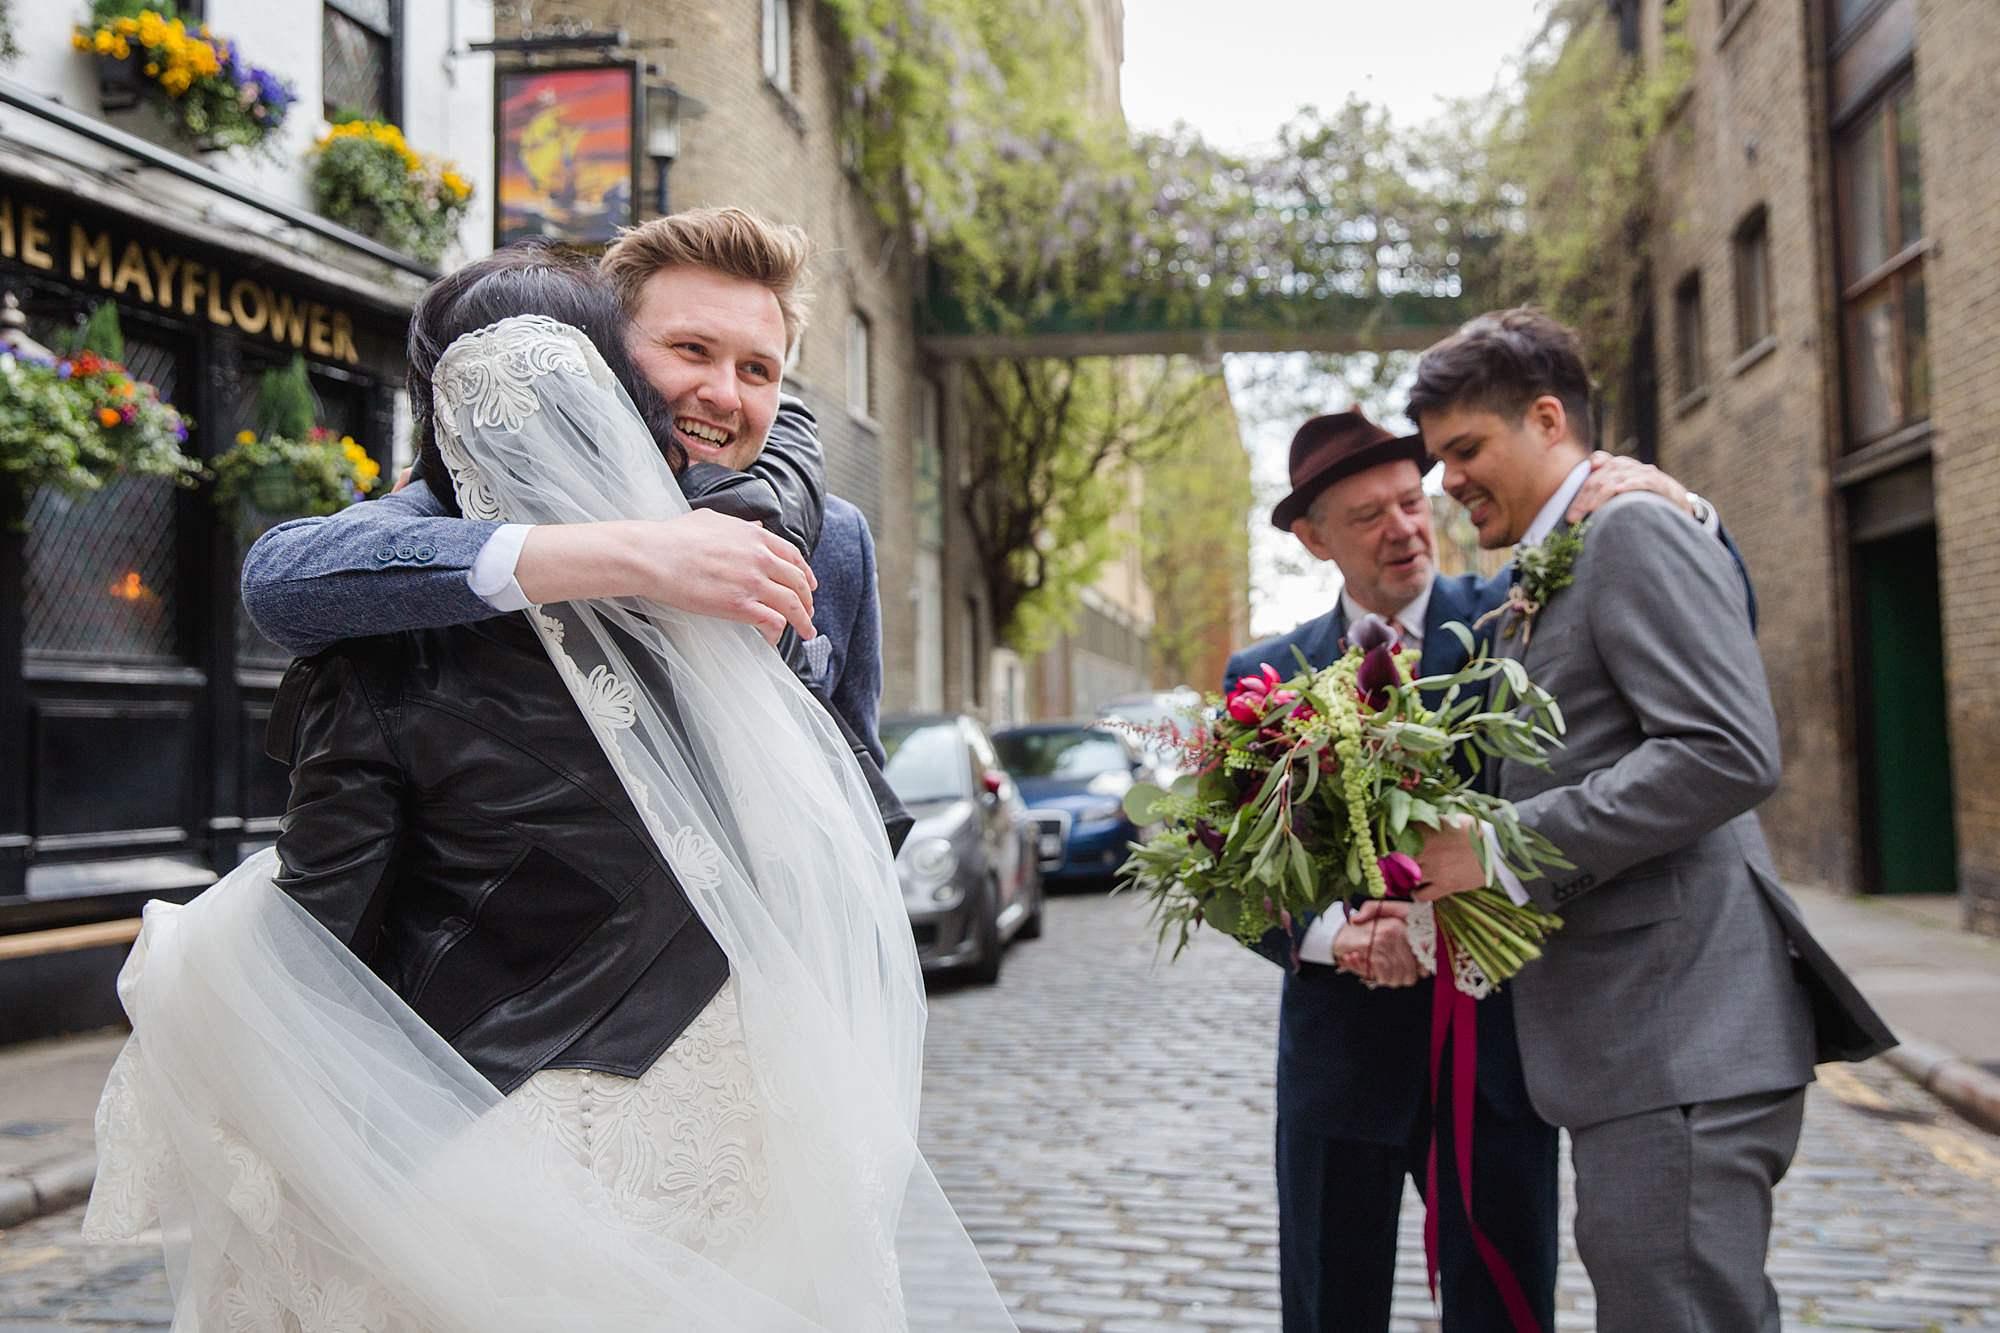 Brunel museum wedding guests hugging groom and bride